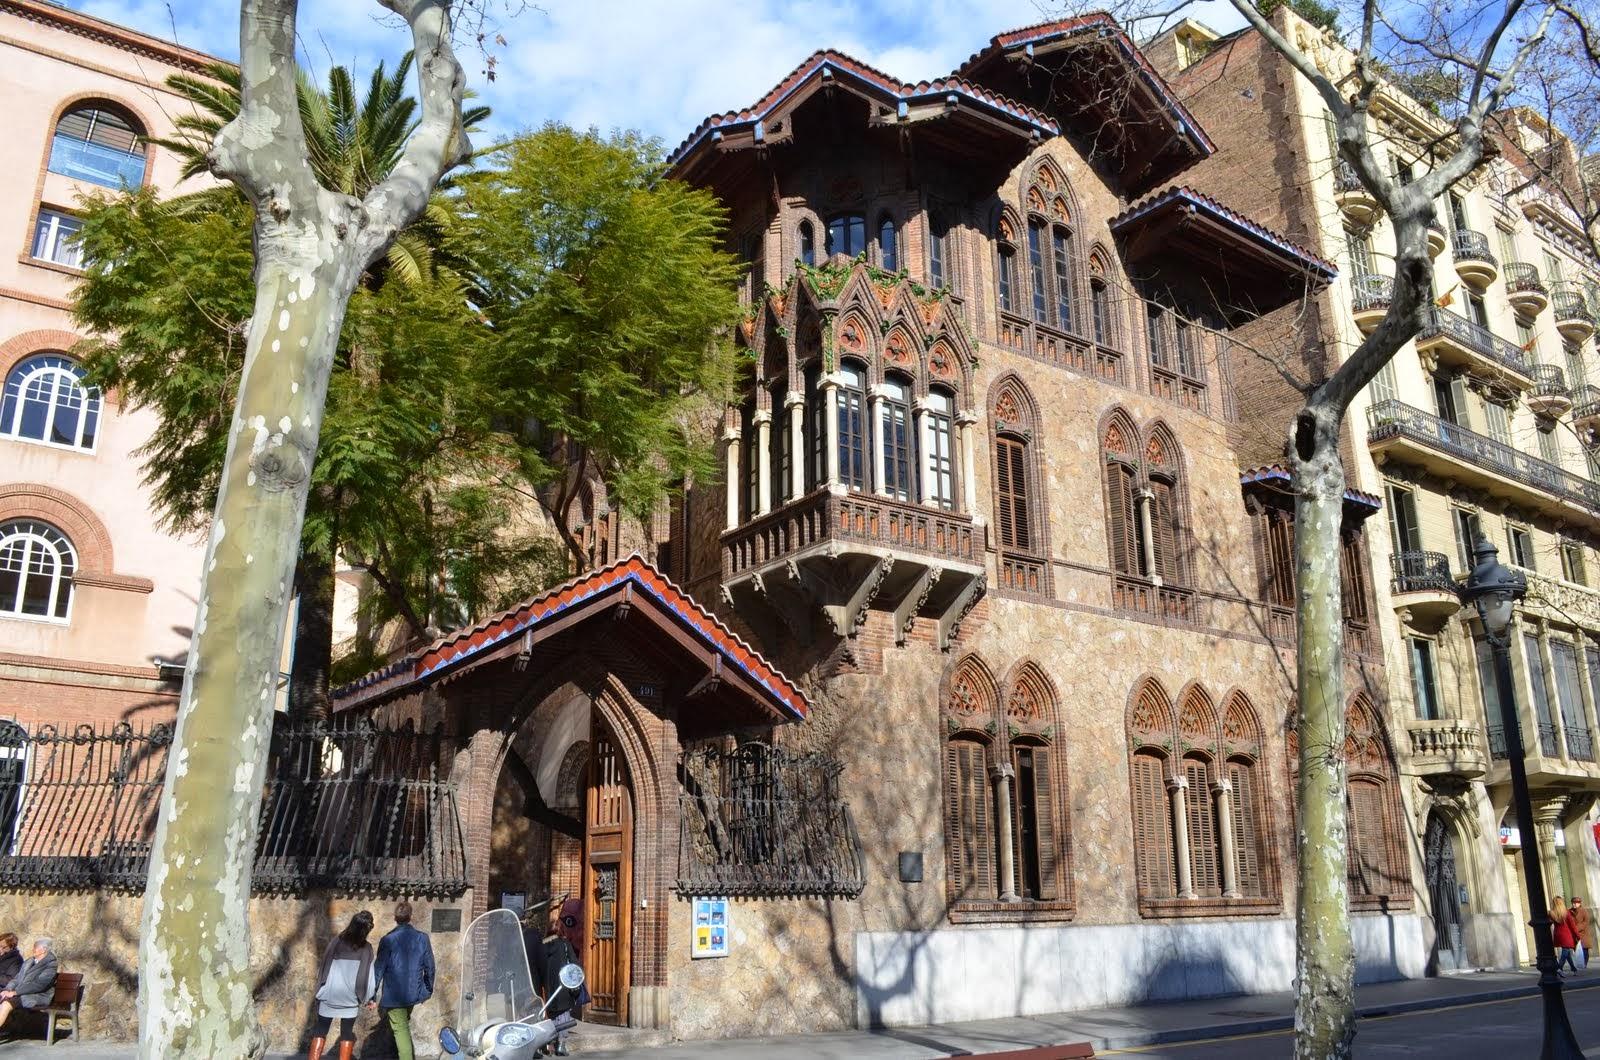 La casa golferichs las piedras de barcelona - La casa de las lamparas barcelona ...